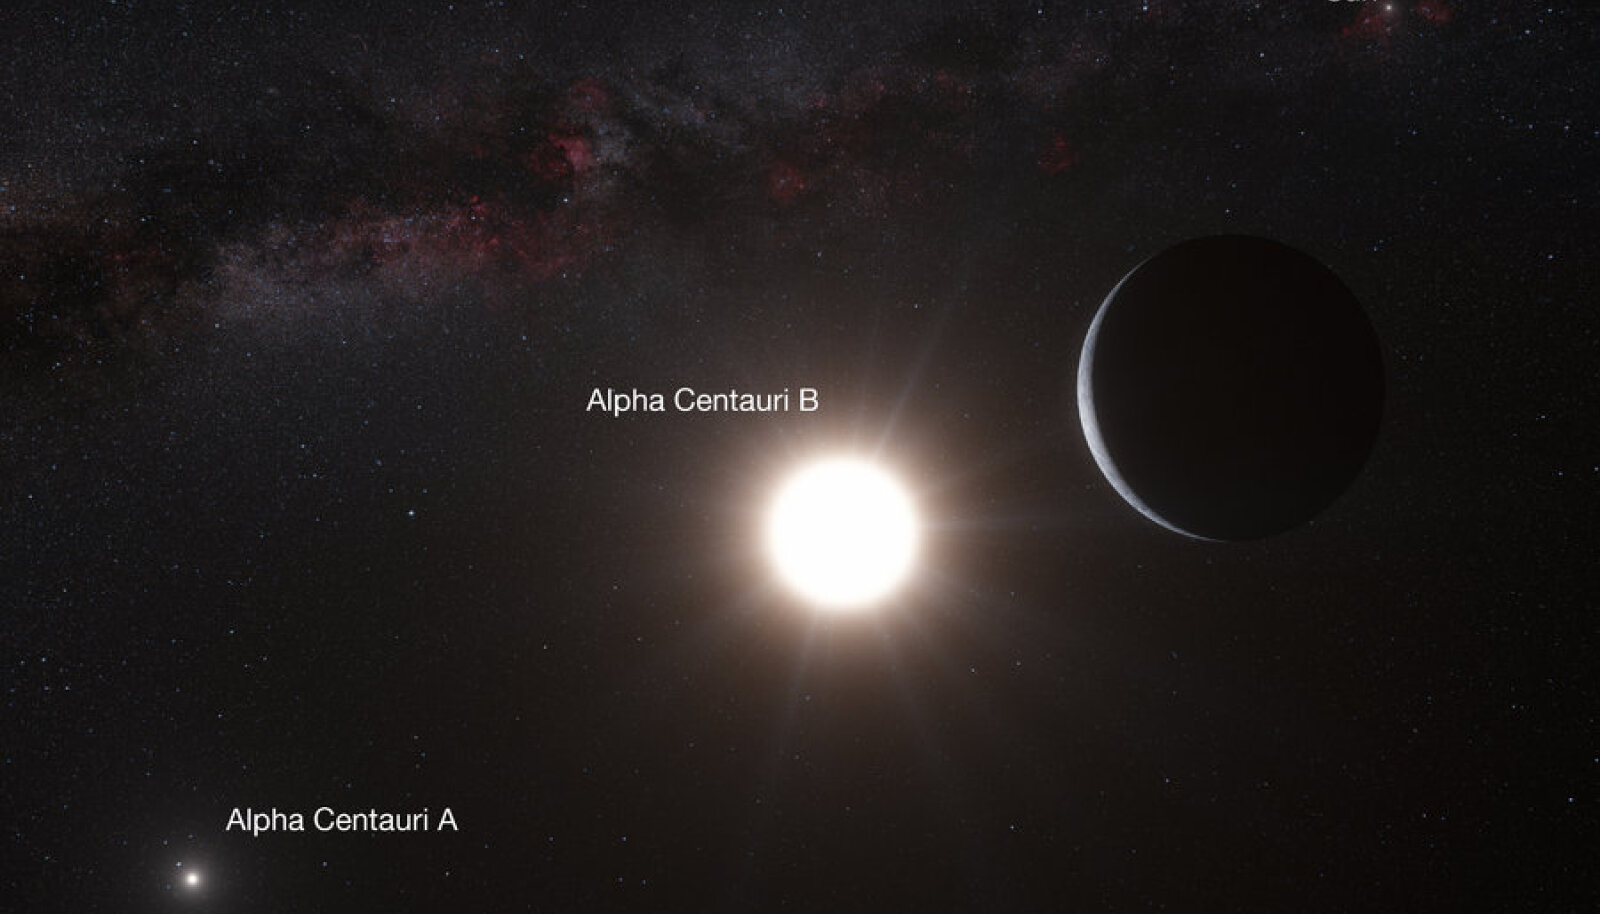 Alpha Centauri Bb. ESO/L. Calçada/N. Risinger